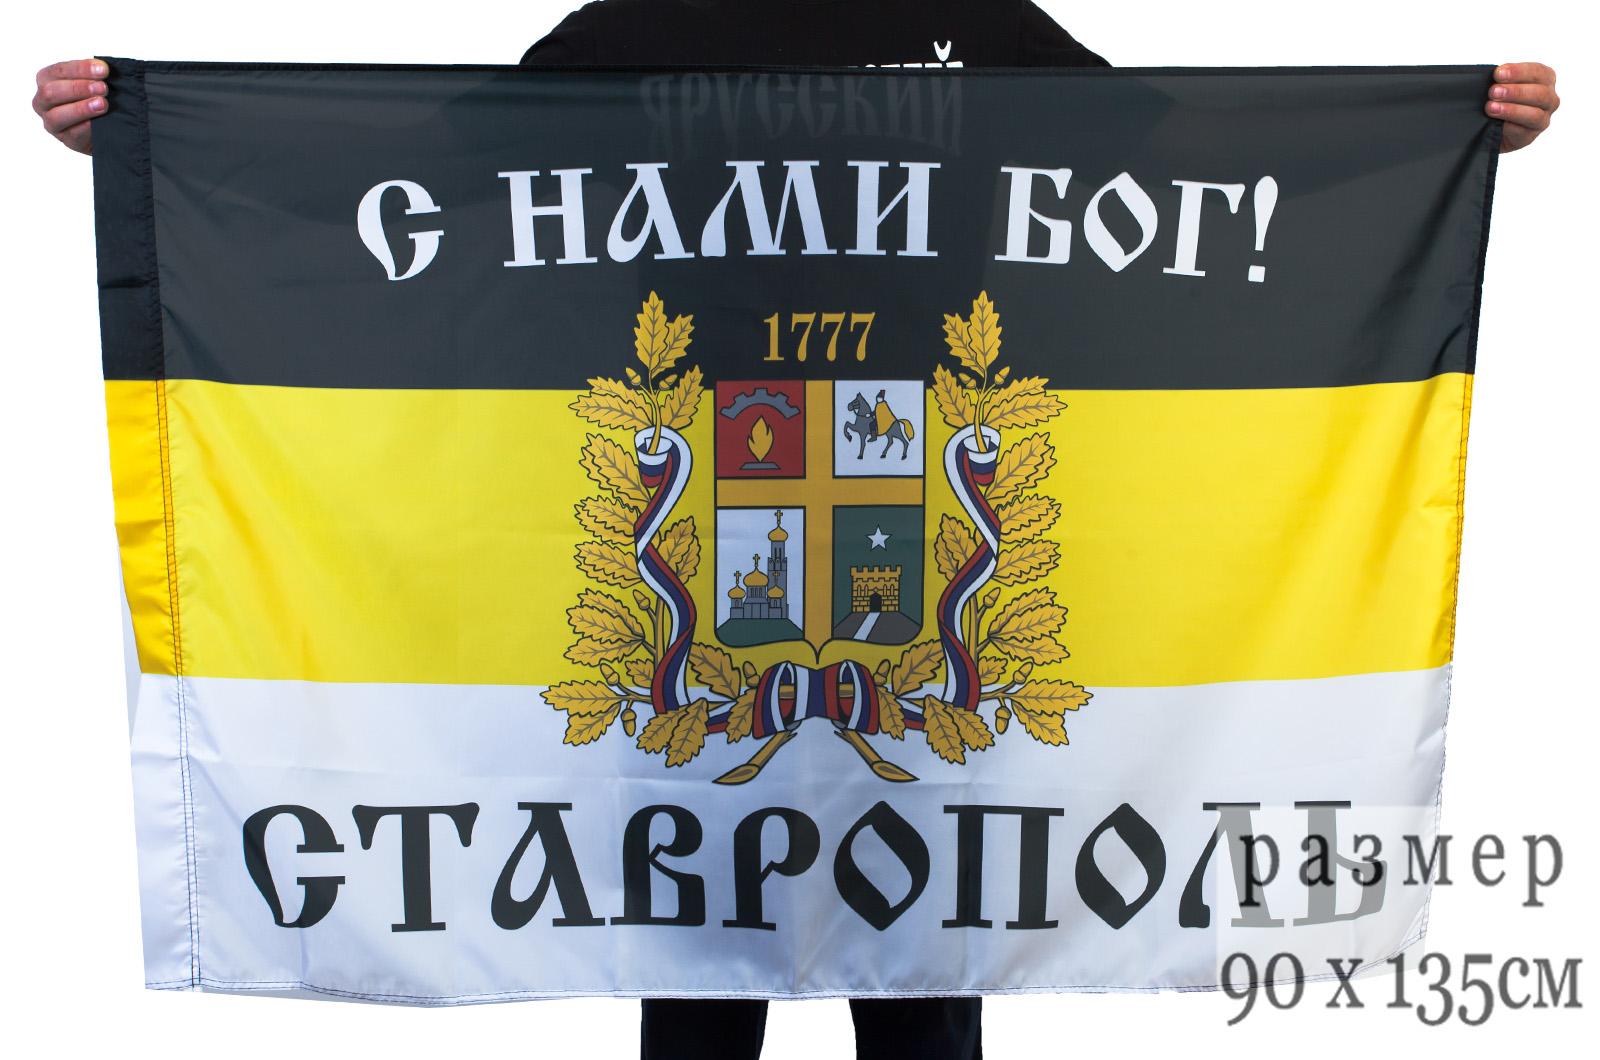 Купить имперский флаг Ставрополя «С нами Бог!»